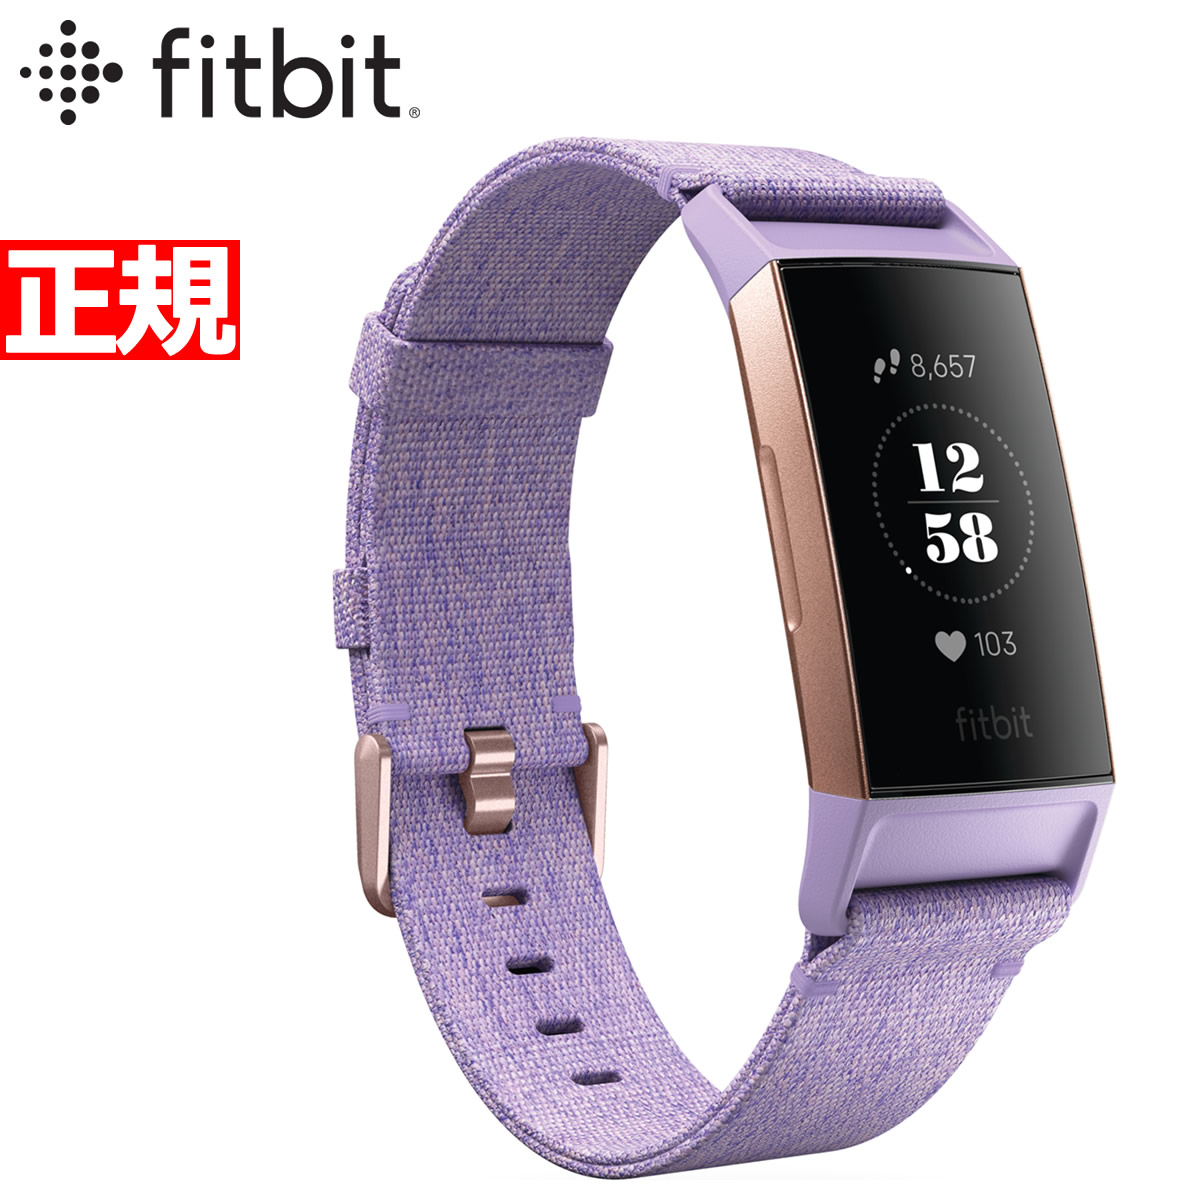 【2000円OFFクーポン&店内ポイント最大45倍!9日1時59分まで】Fitbit フィットビット Charge3 チャージ3 フィットネス トラッカー ウェアラブル端末 腕時計 メンズ レディース Lavender Woven/Rose Gold FB410RGLV-CJK